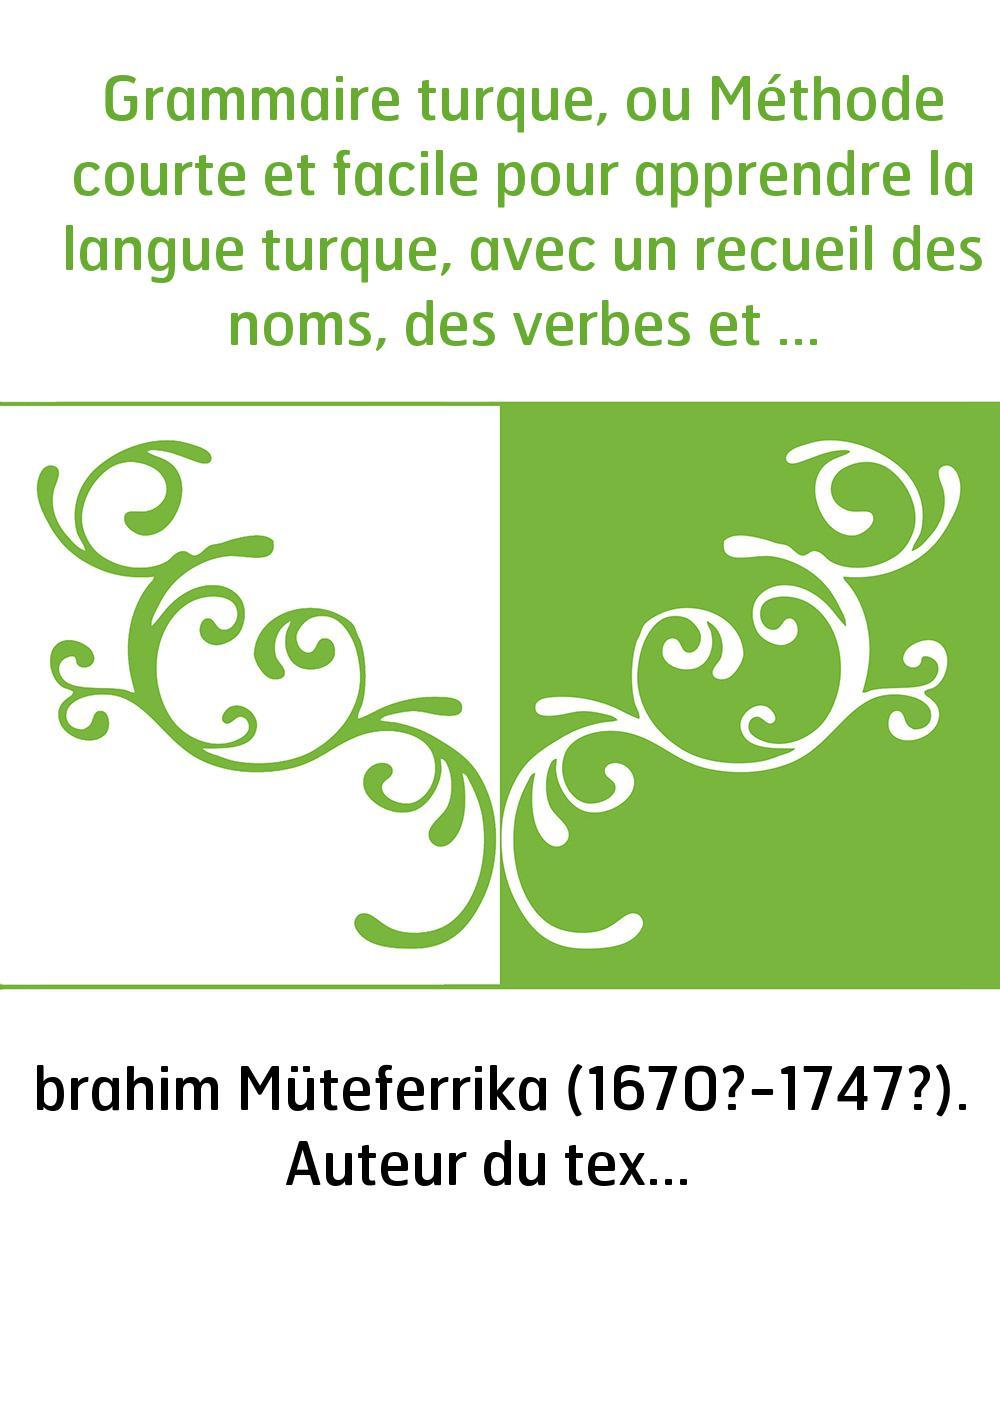 Grammaire turque, ou Méthode courte et facile pour apprendre la langue turque, avec un recueil des noms, des verbes et des maniè